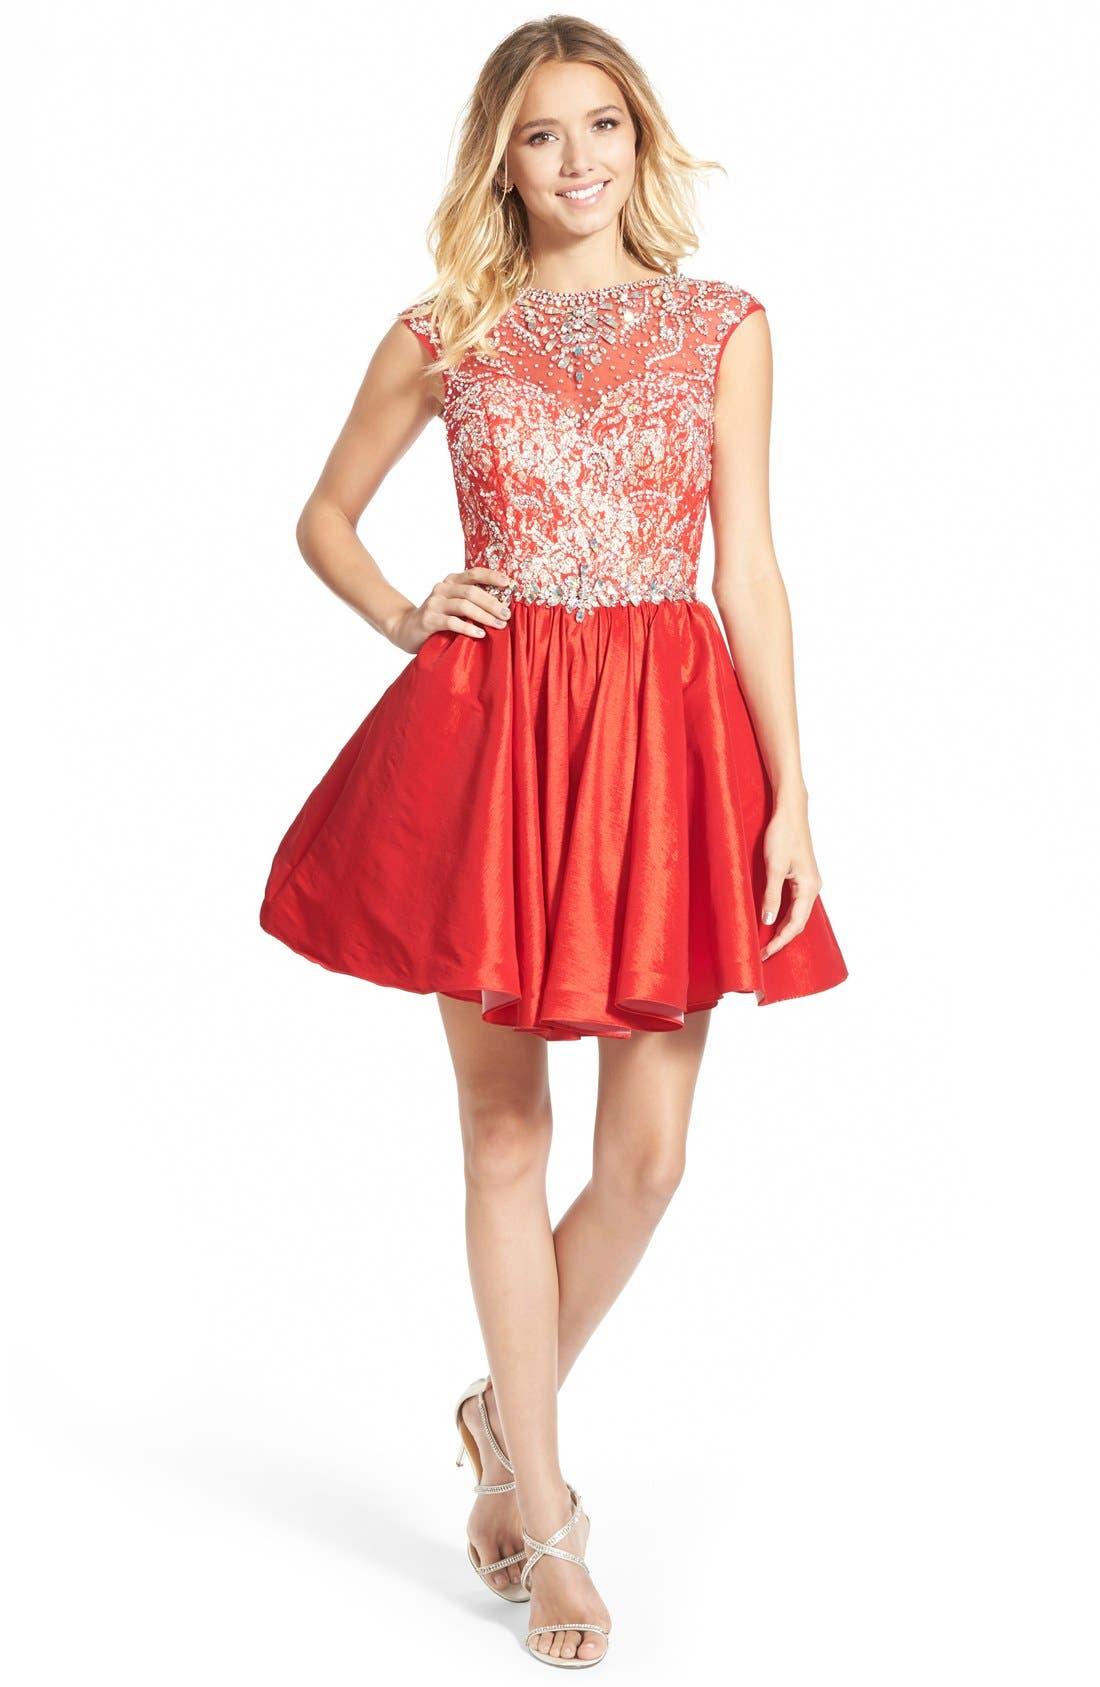 Alternate Image 1 Selected - Mac Duggal Embellished Bodice Skater Dress